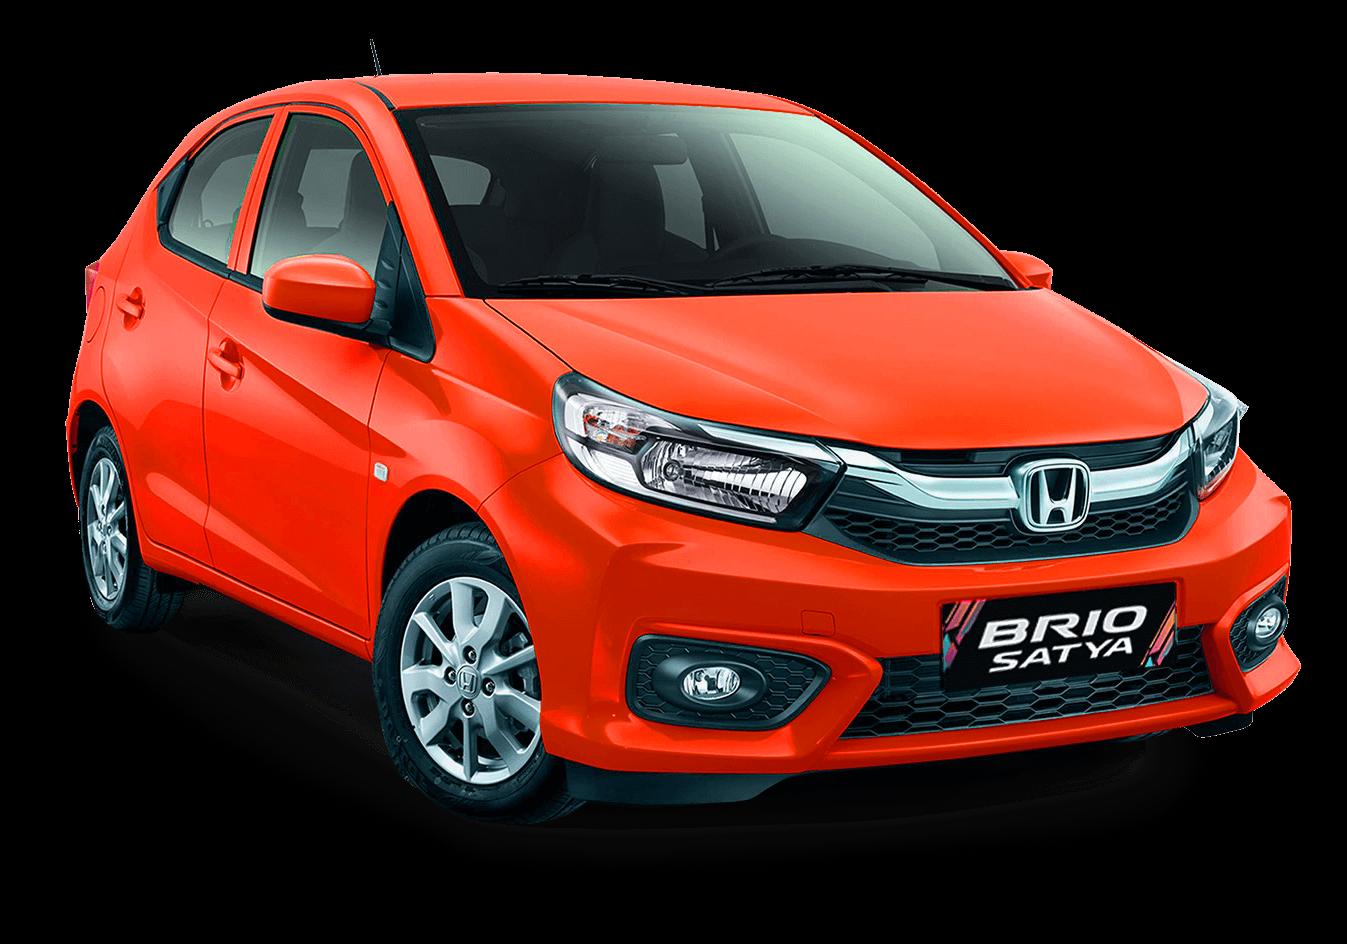 Kelebihan Kekurangan Harga Honda Brio Satya Harga